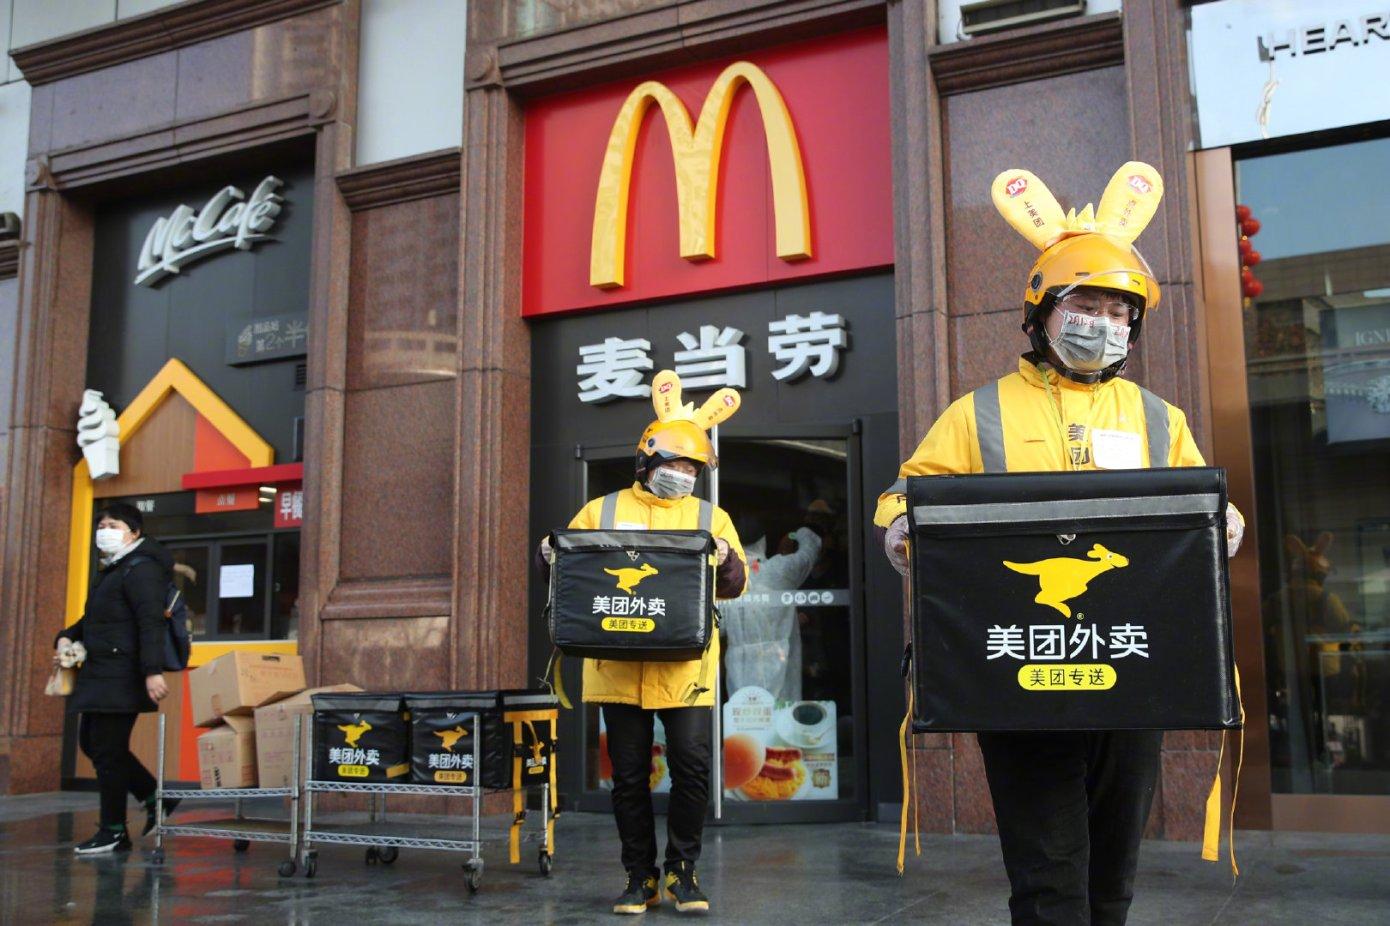 Çinli Yemek Teslimat Devi Meituan'ın Değeri, Salgın Sayesinde 100 Milyar Doları Geçti